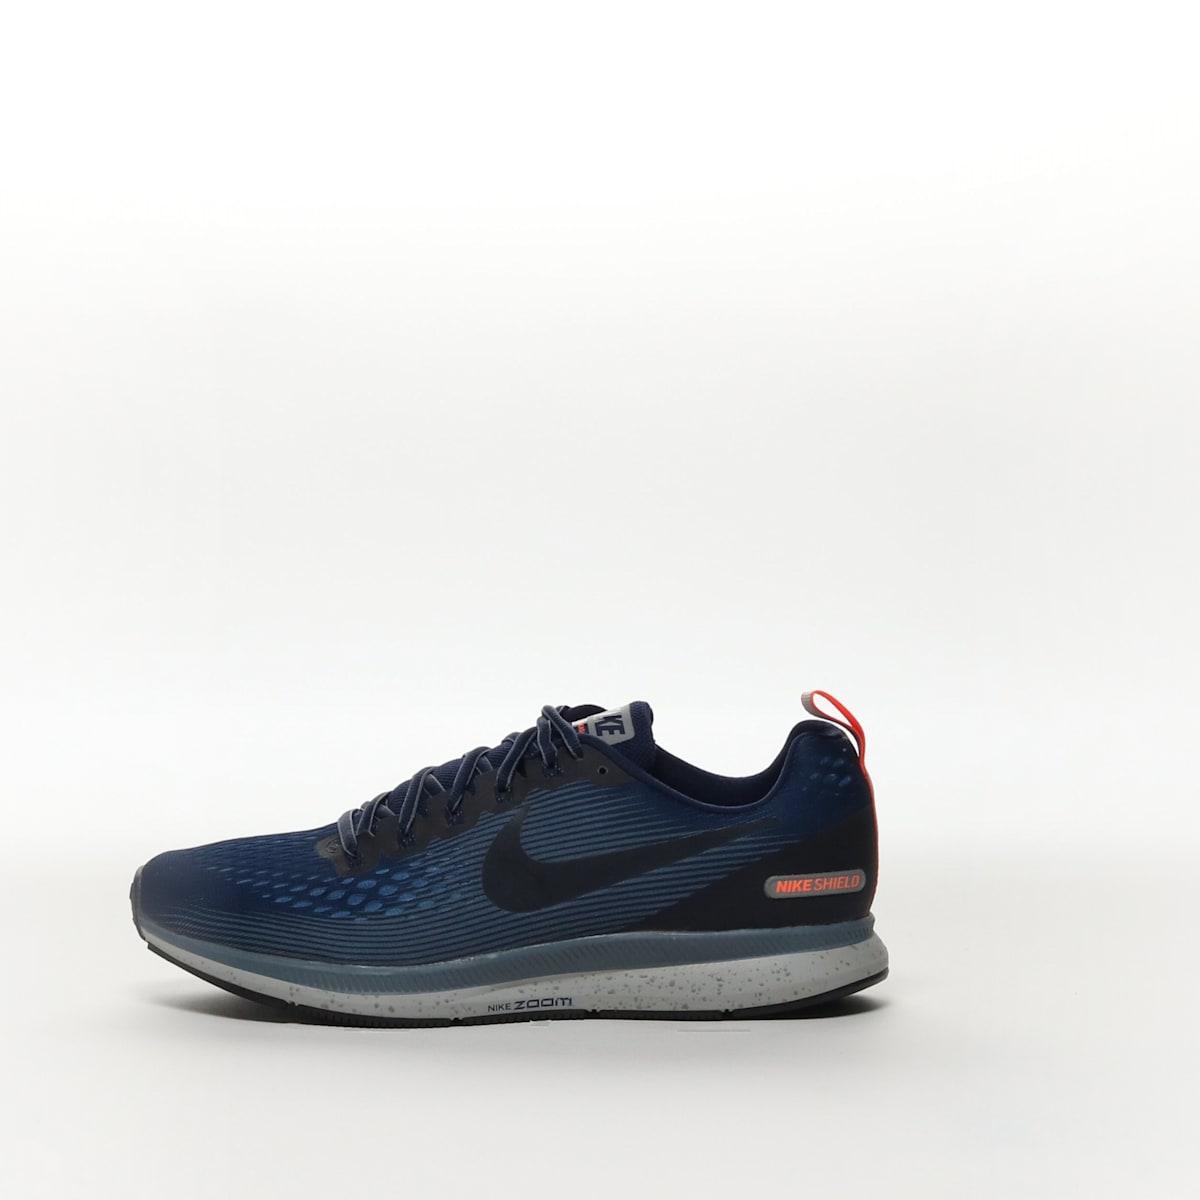 bda4b8eb81c82 Nike Air Zoom Pegasus 34 Shield - BINARY BLUE ARMORY BLUE OBSIDIAN ...